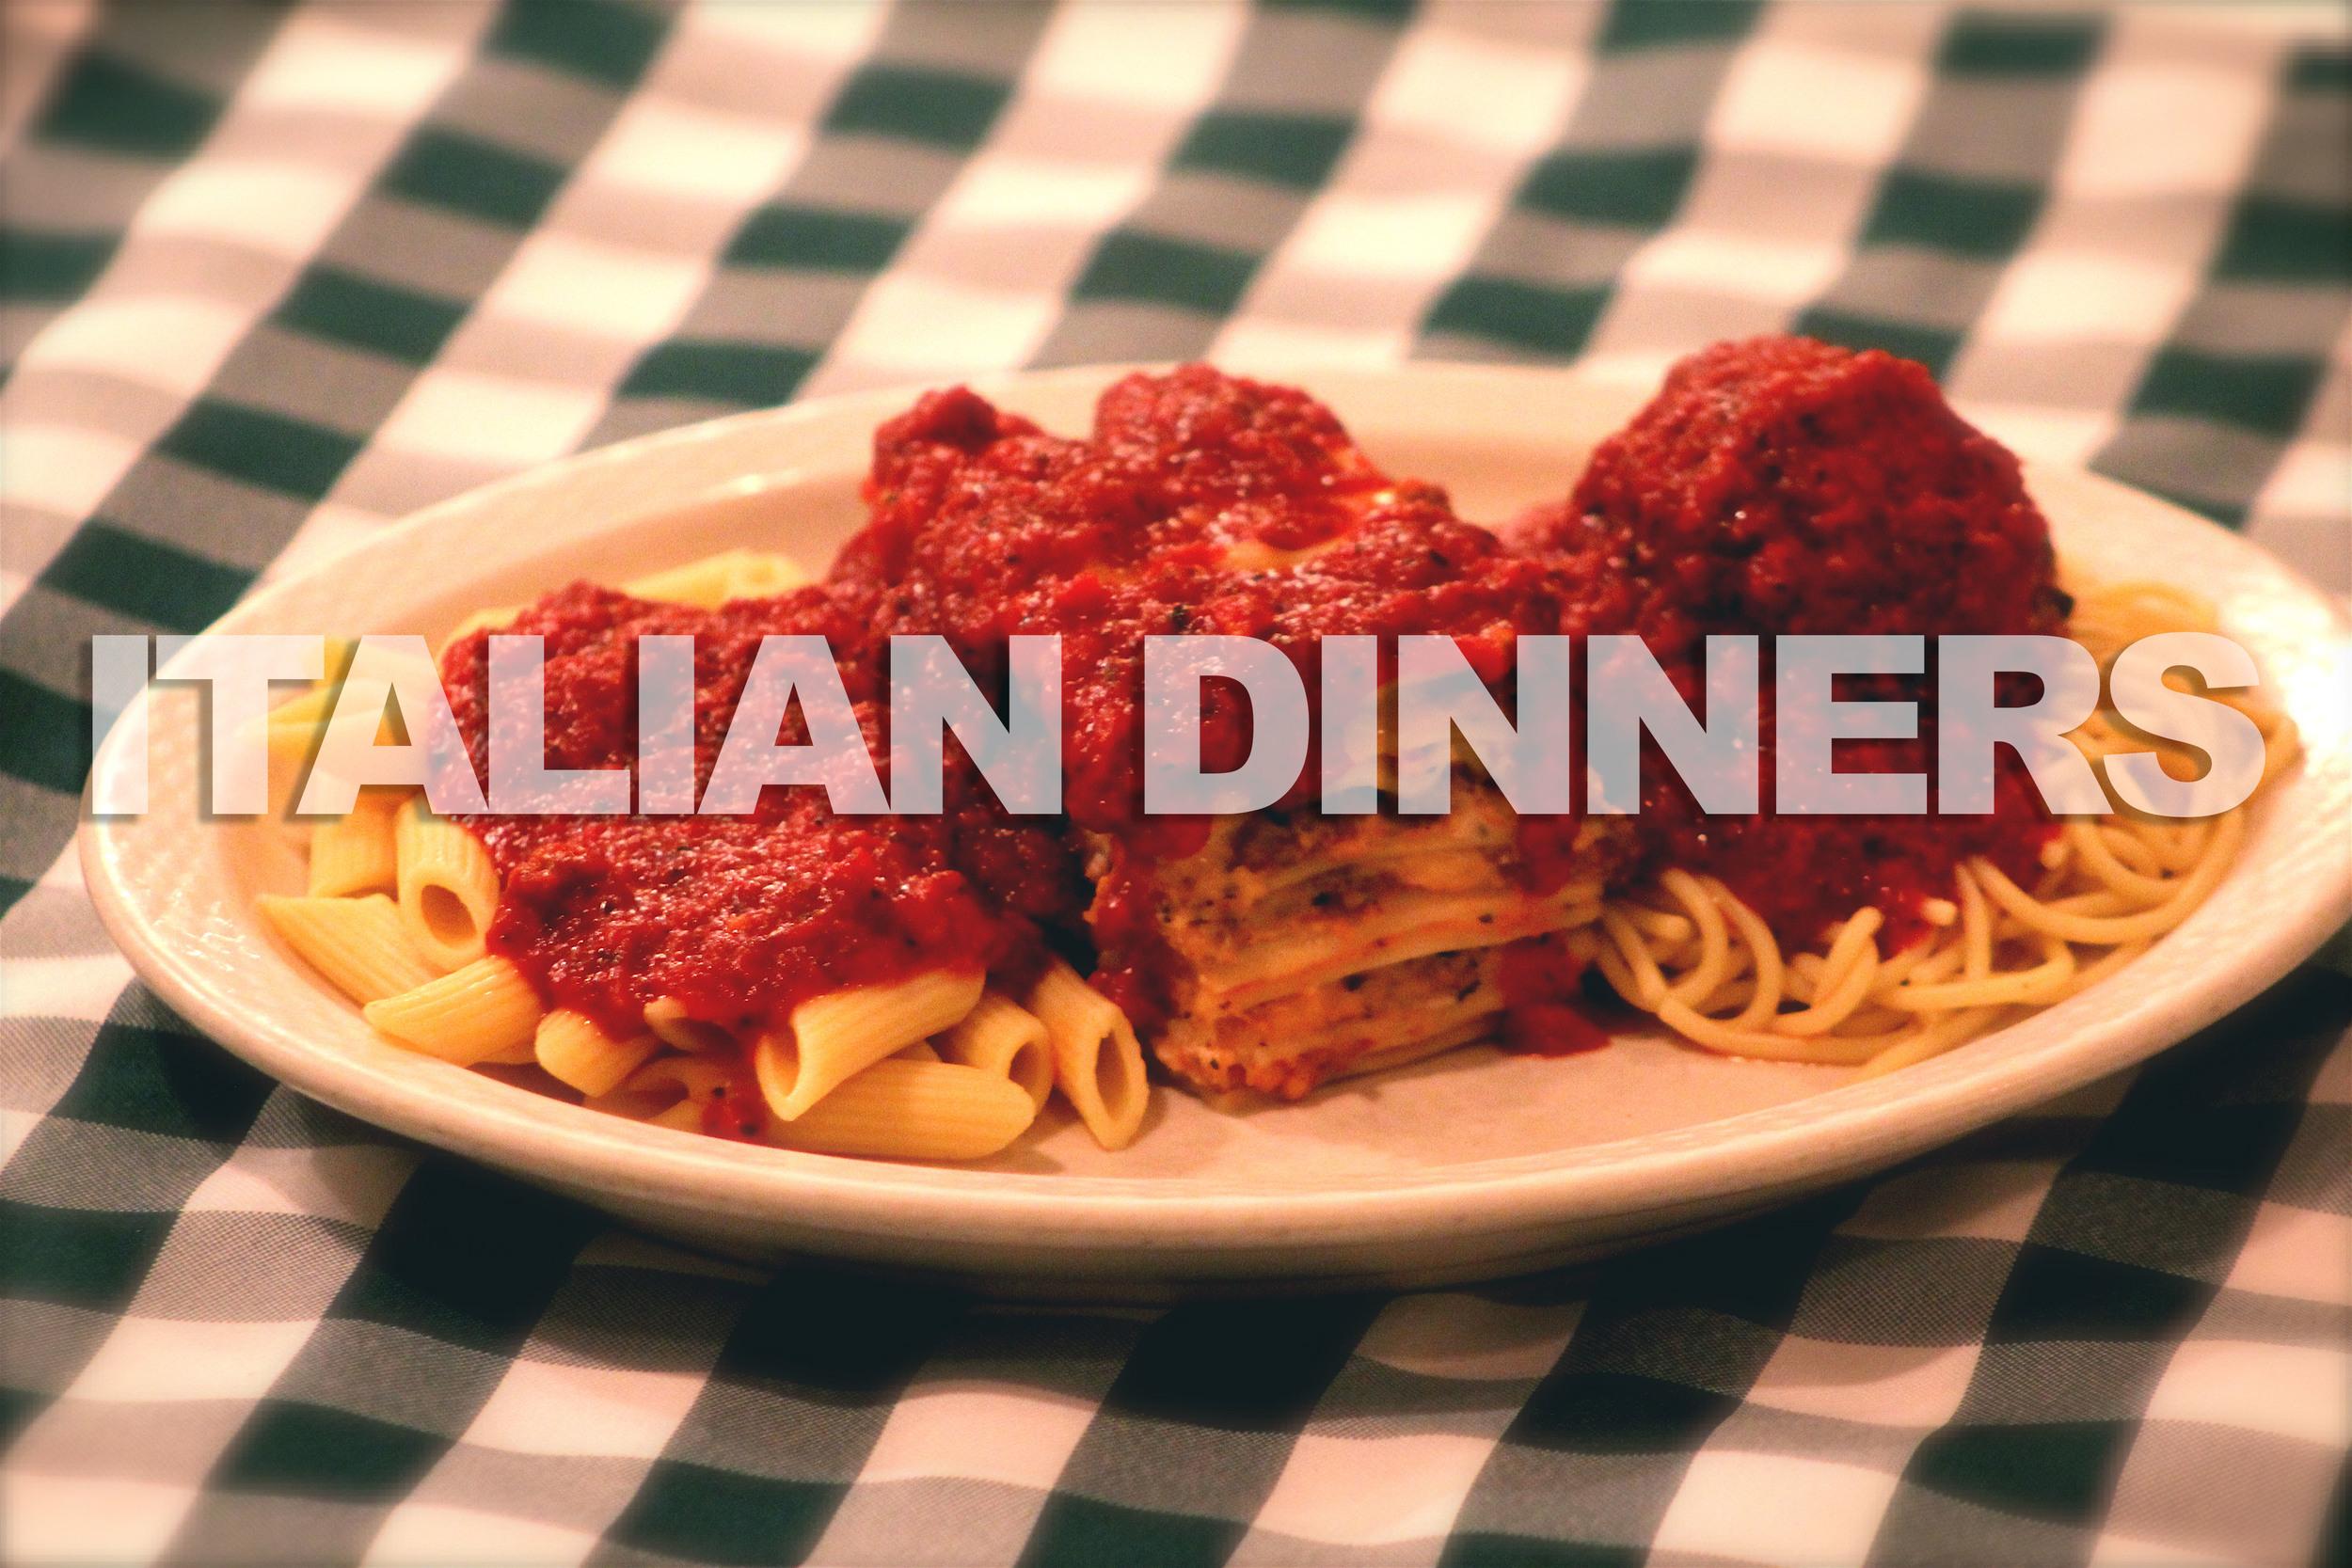 ItalianDinners.jpg